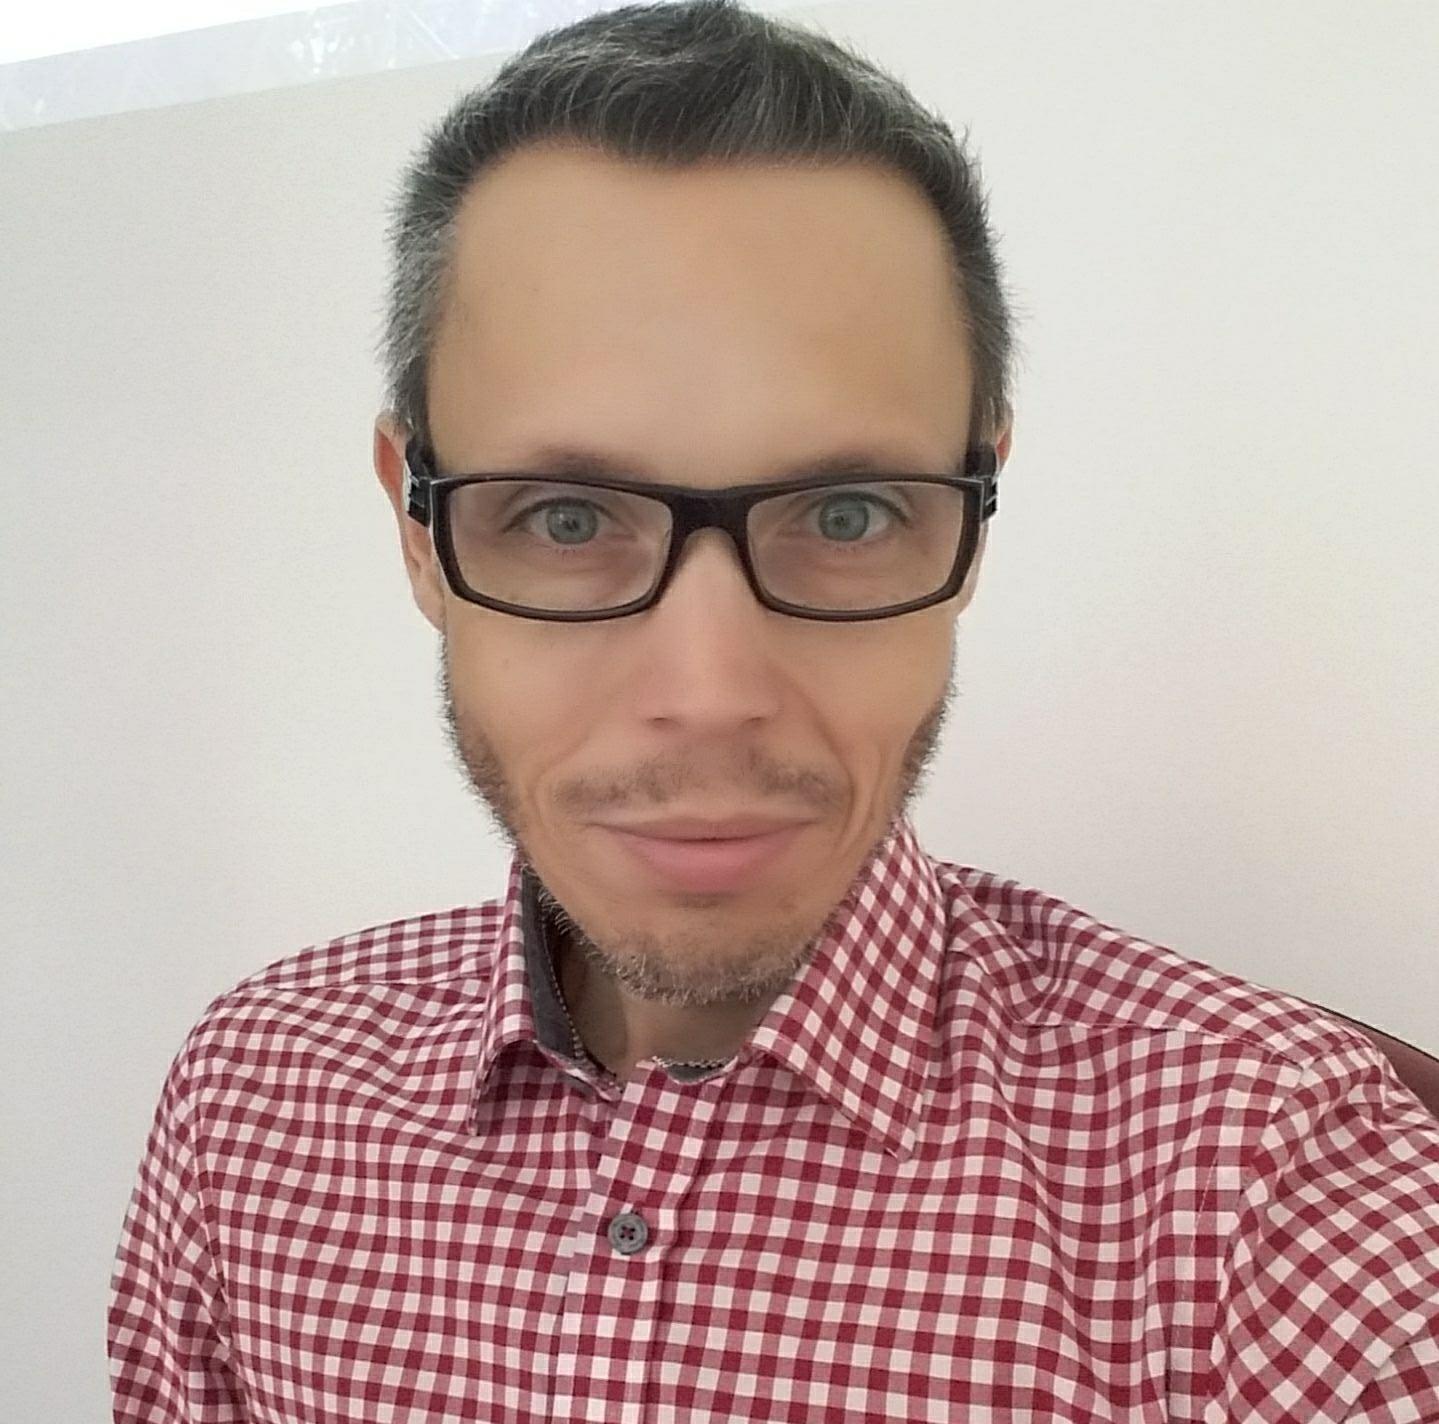 Mgr. Tomáš Fulop, ACC